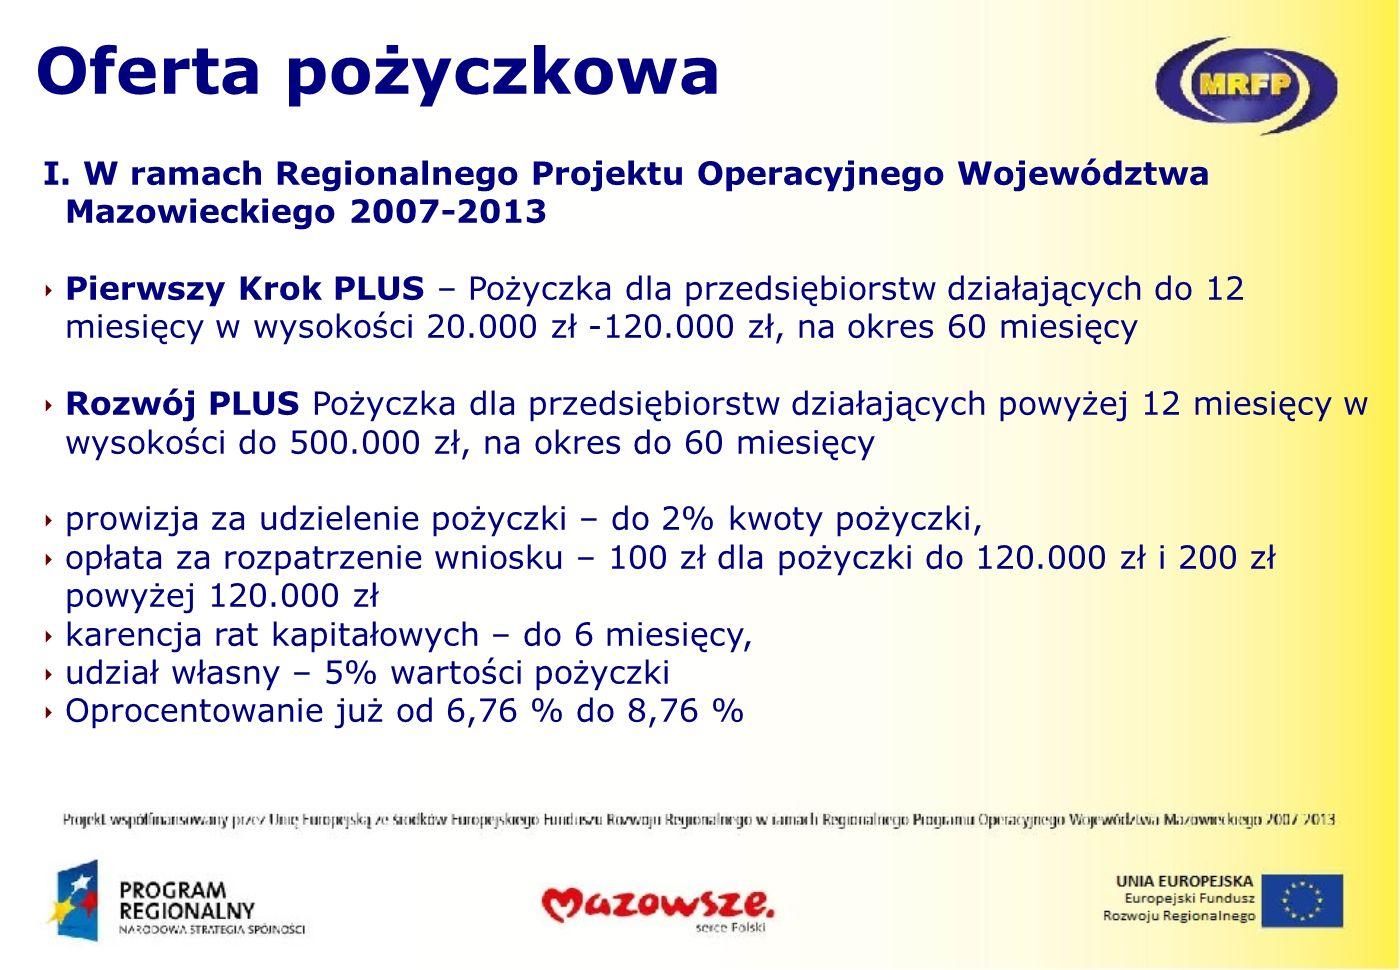 Oferta pożyczkowaI. W ramach Regionalnego Projektu Operacyjnego Województwa Mazowieckiego 2007-2013.